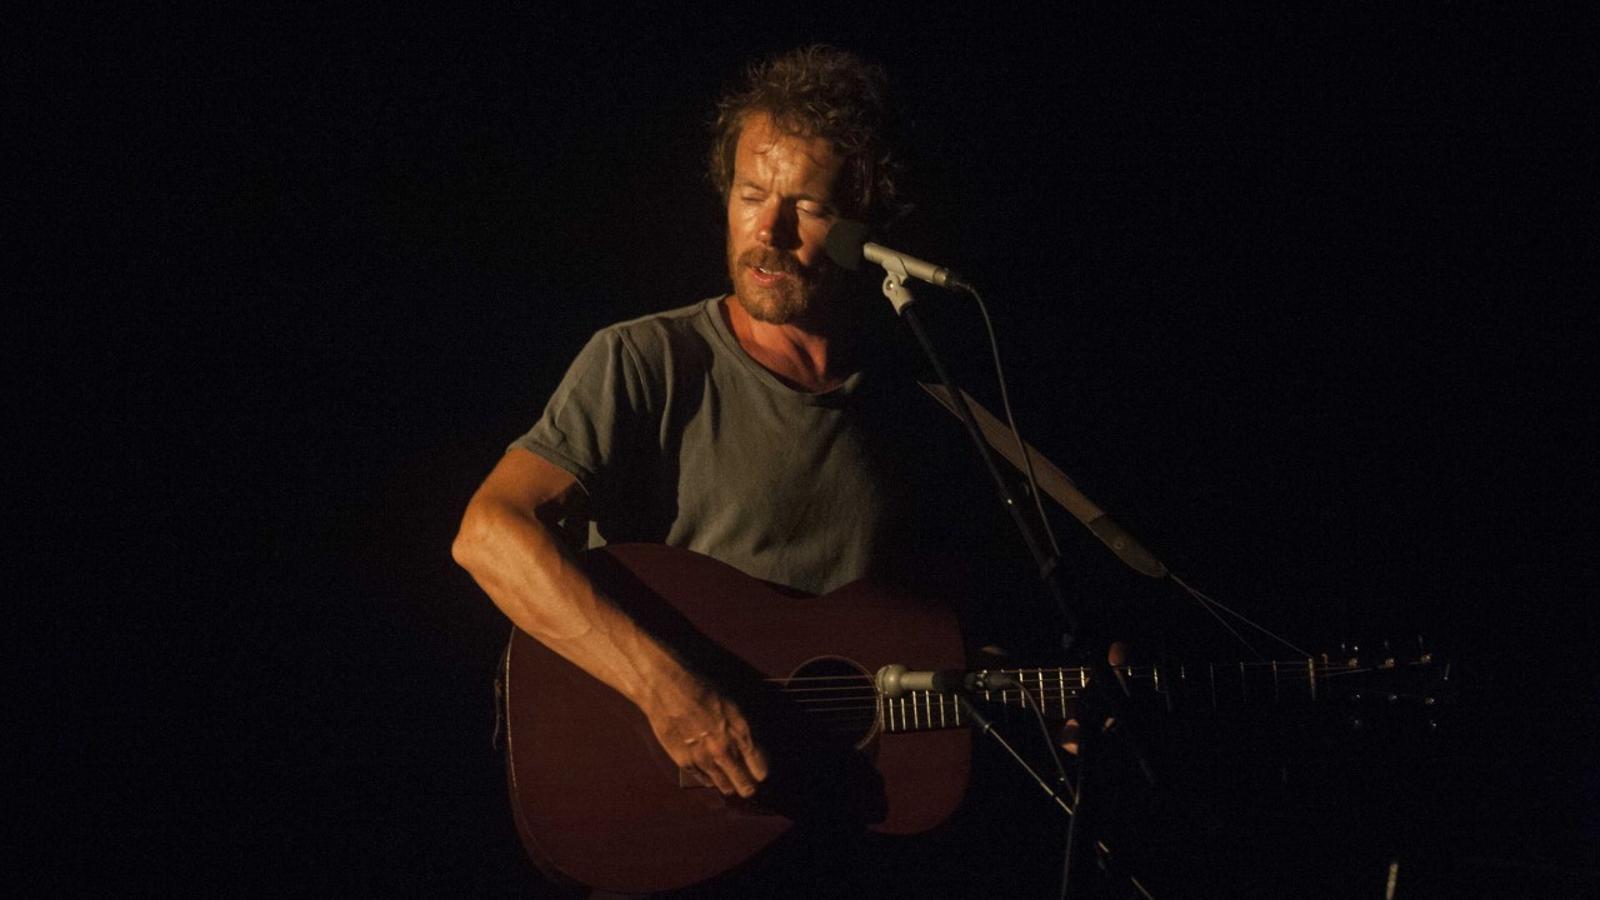 El cantautor continua la seva gira pel Mediterrani a bord d'un veler amb escala especial a Menorca.